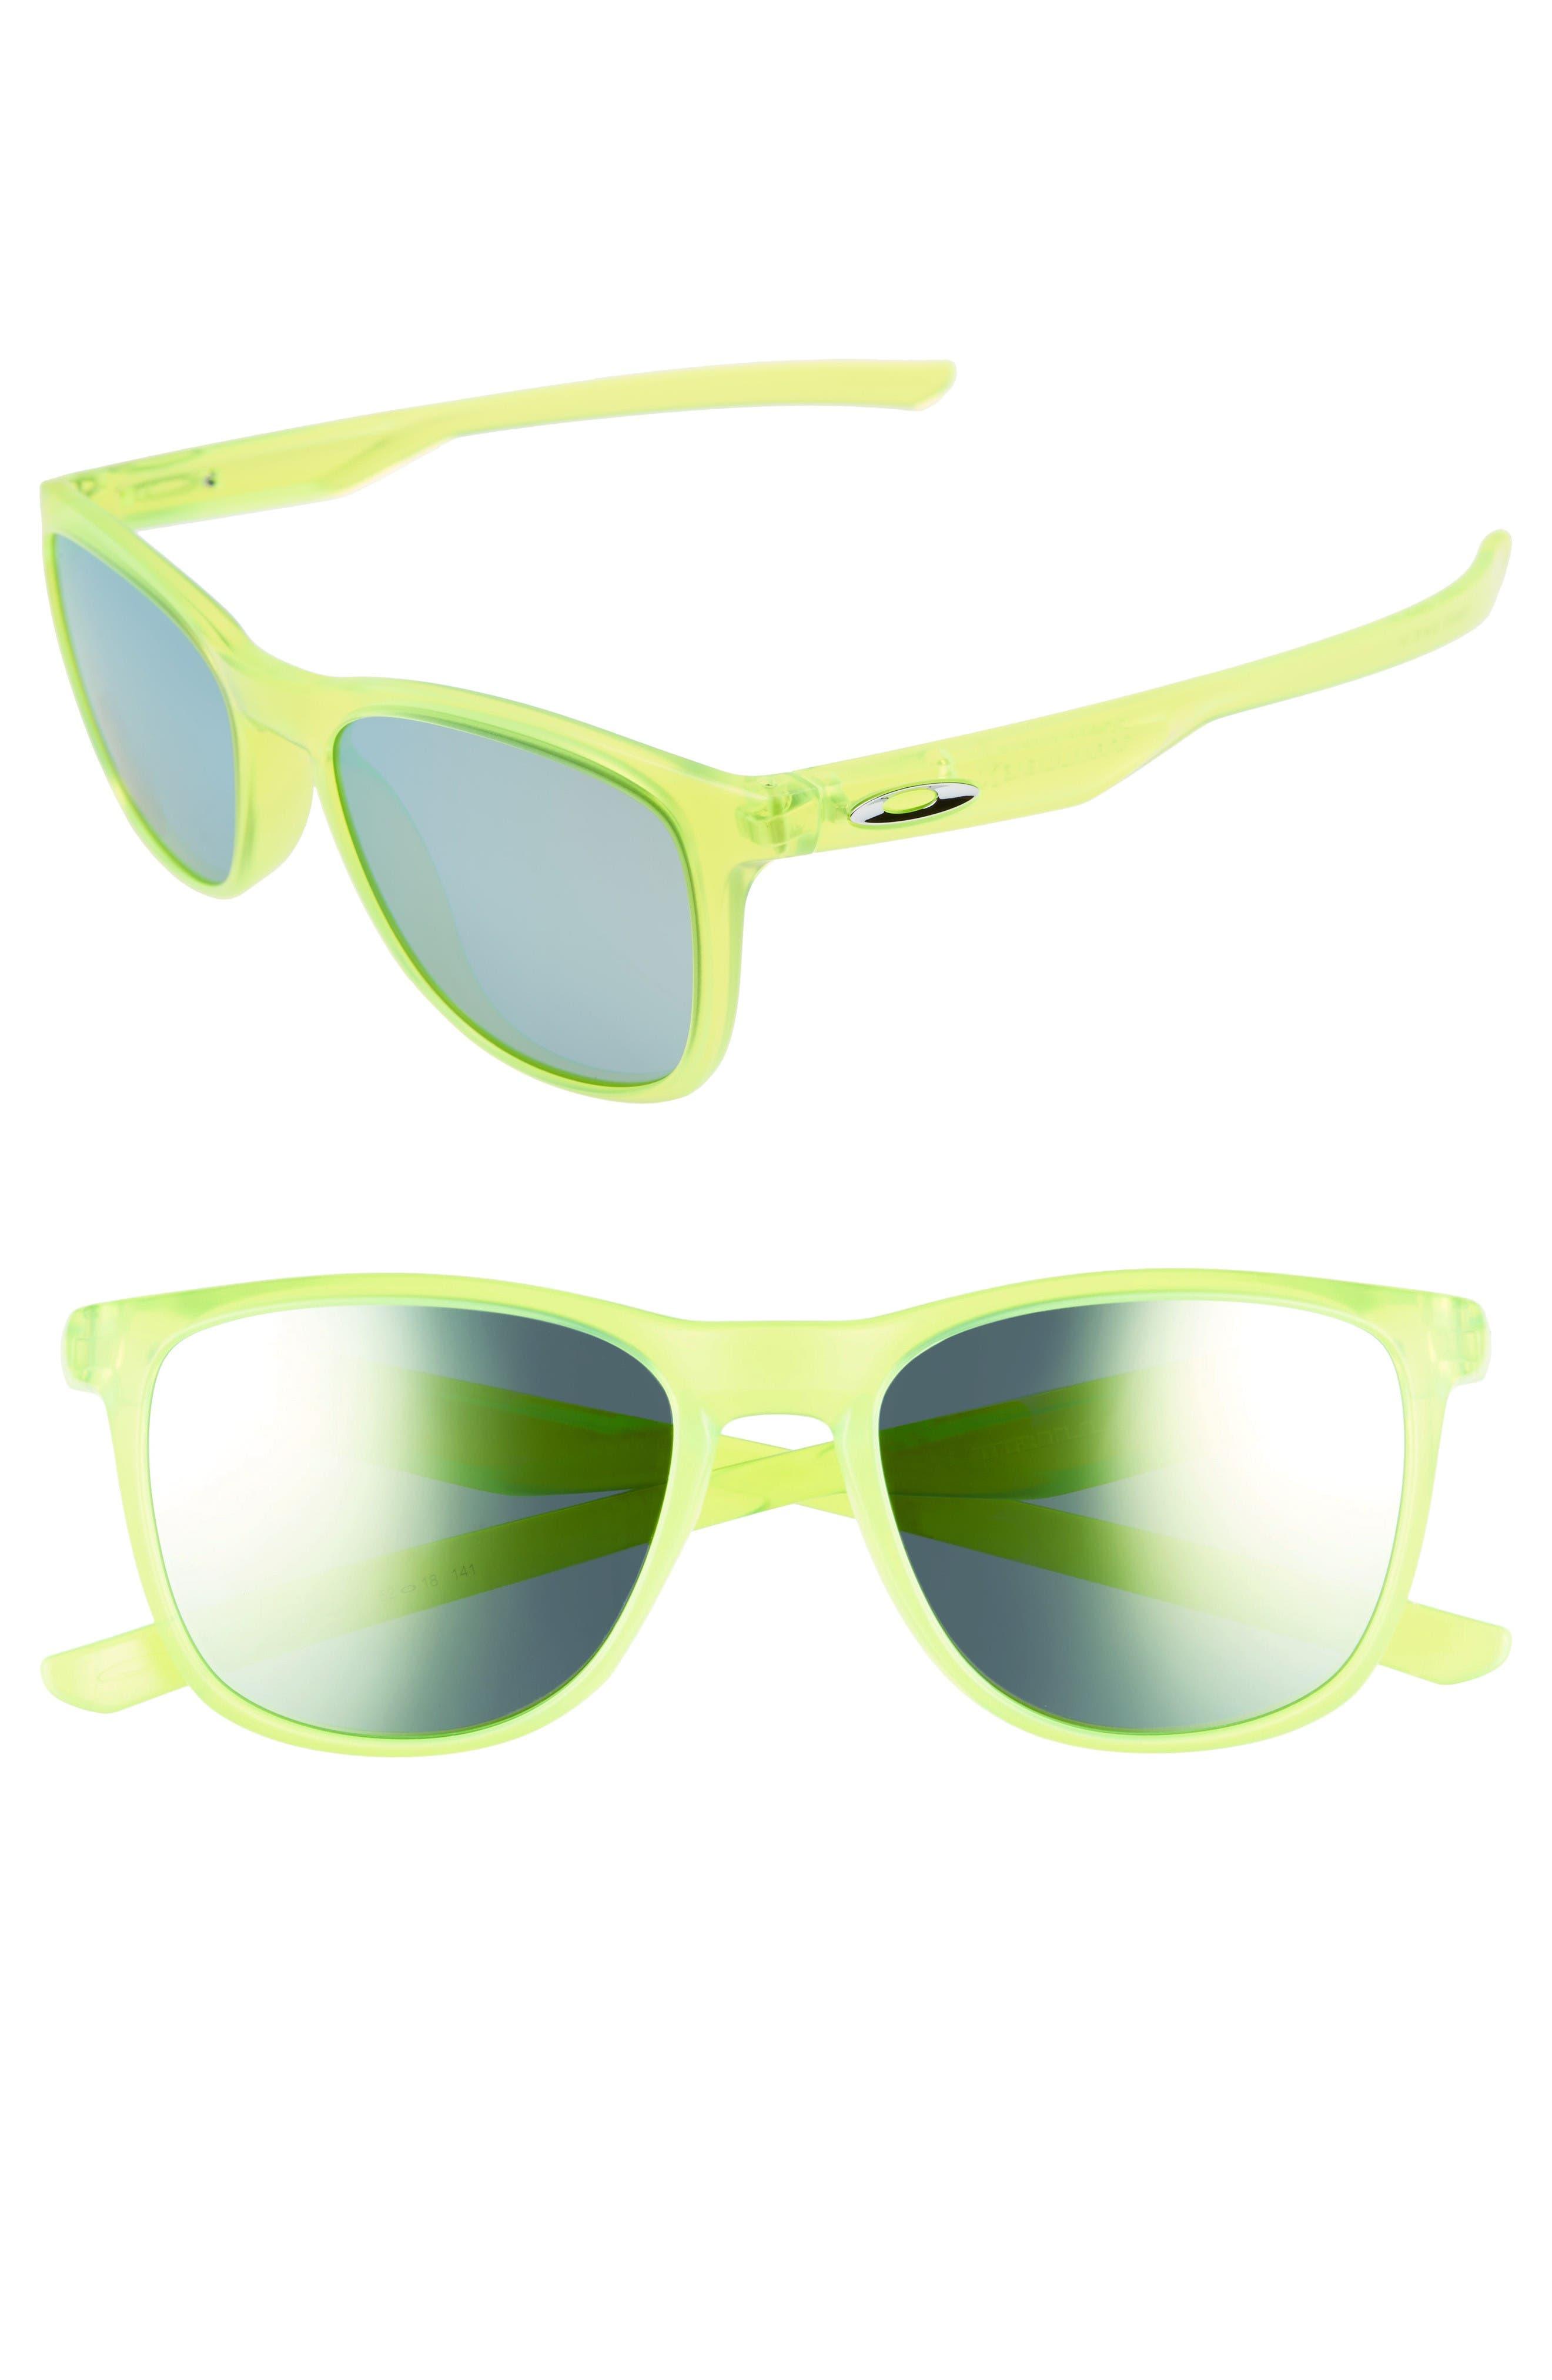 Trillbe X 52mm Sunglasses,                         Main,                         color, Uranium/ Emerald Iridium